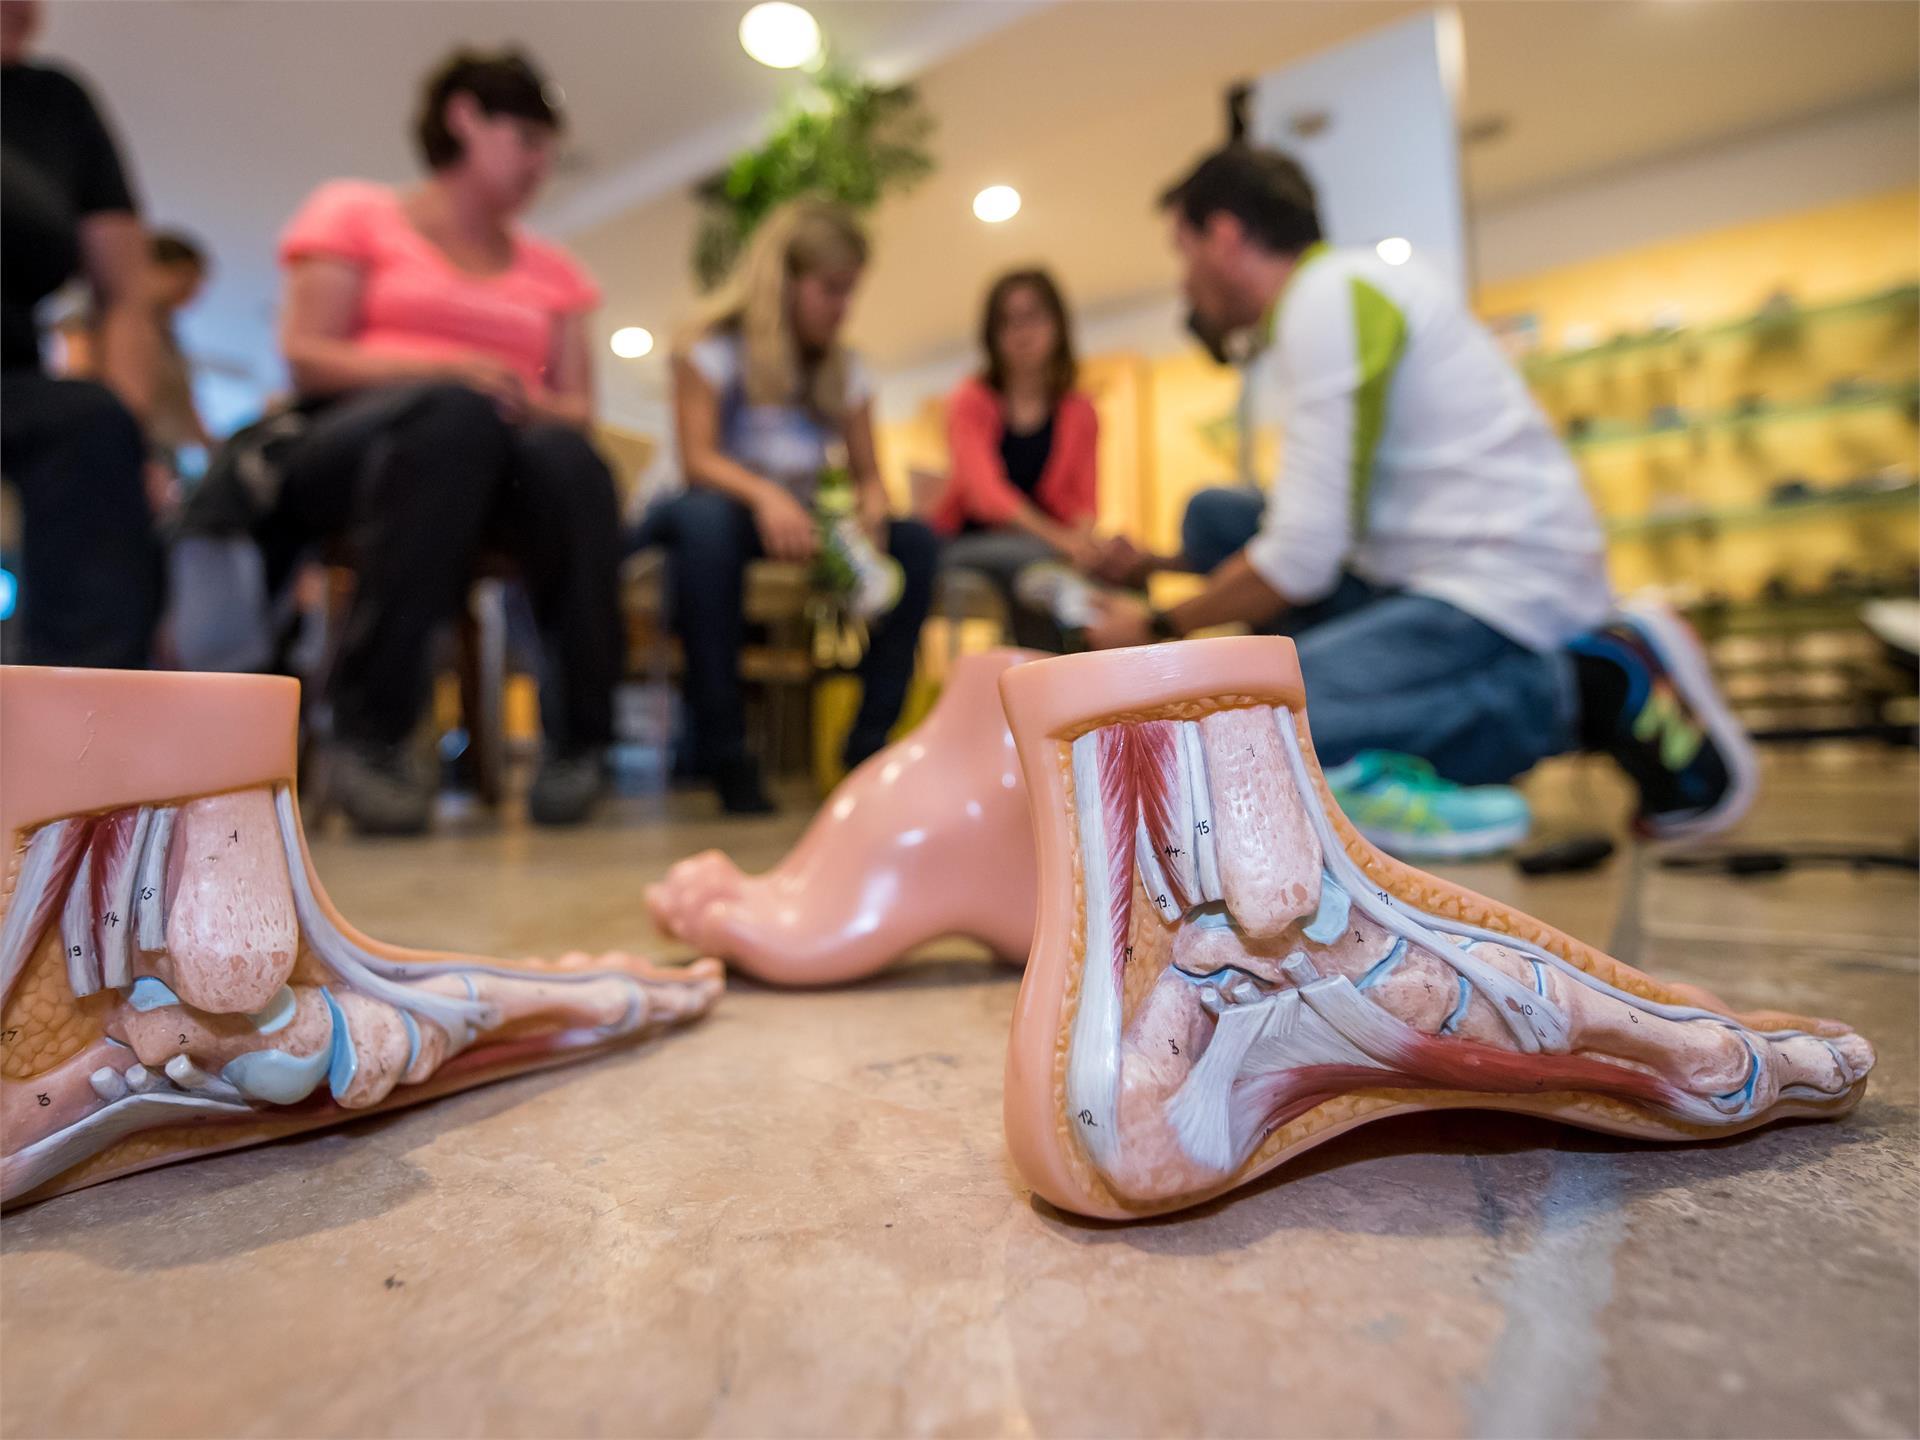 Alpe di Siusi Balance: Analisi ortopedica del piede ed equipaggiamento adeguato